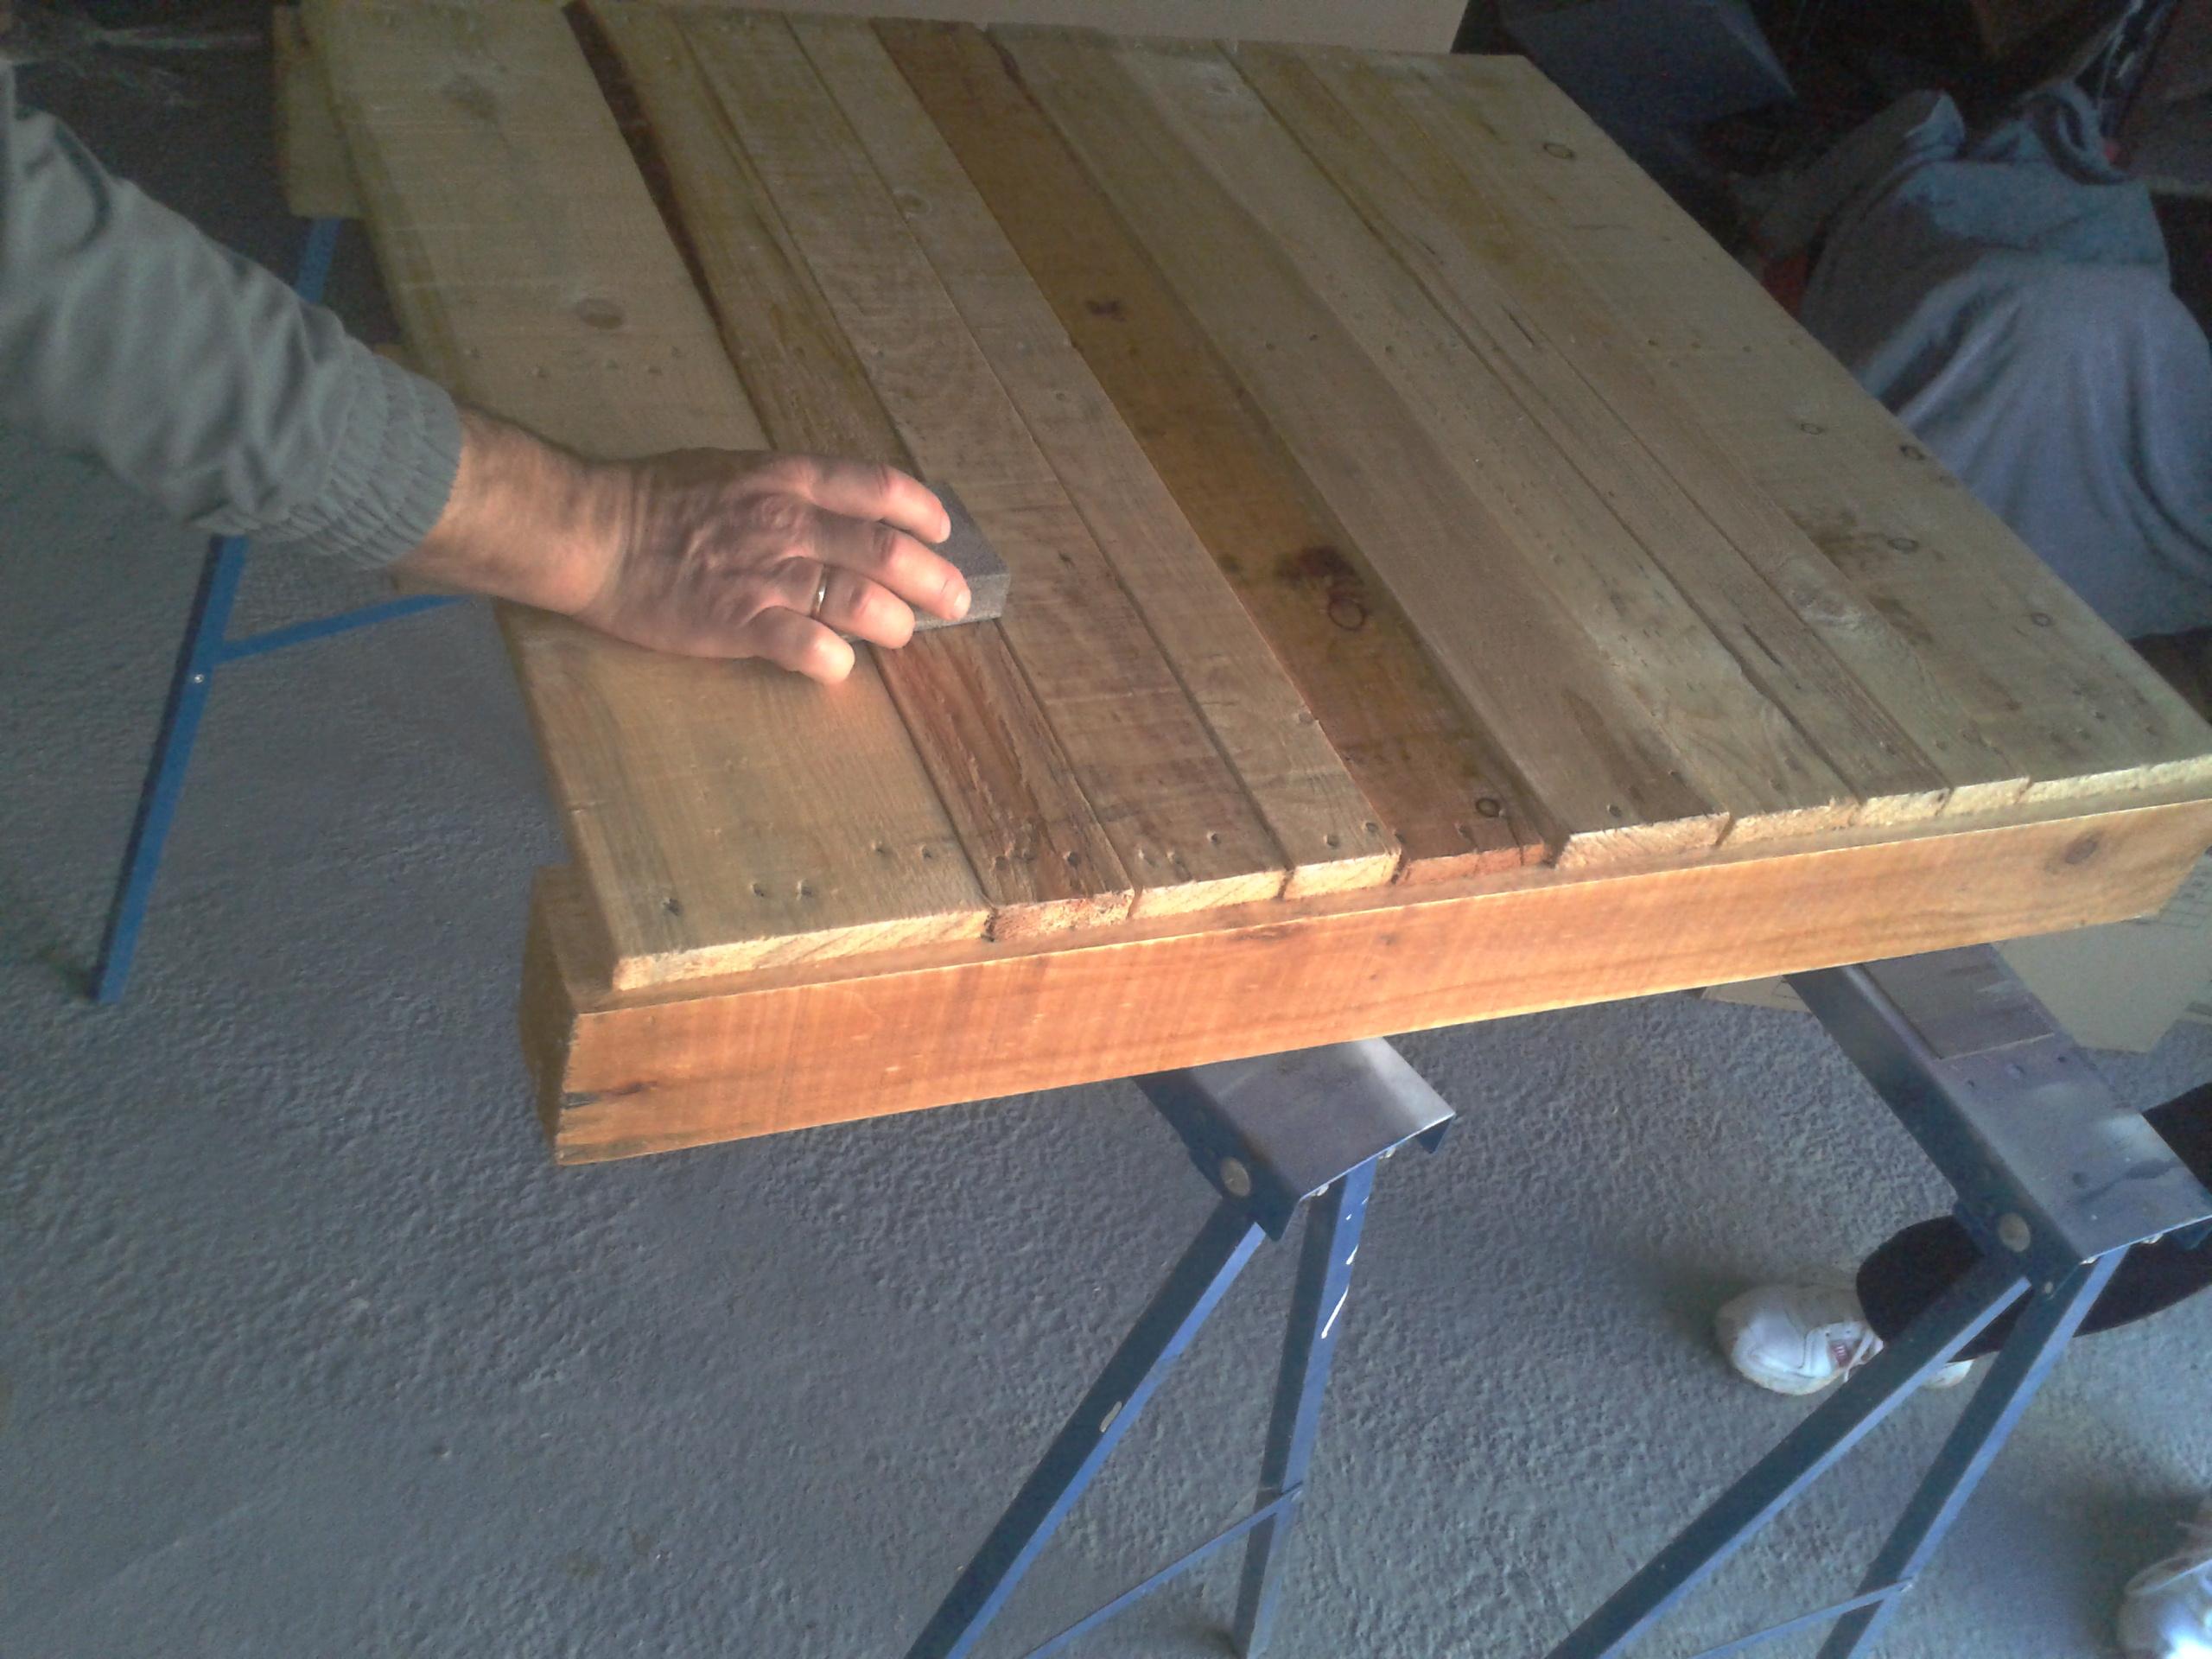 C Mo Transformar Un Palet En Un Pr Ctico Mueble Melopinto Com # Muebles Con Paletas De Madera